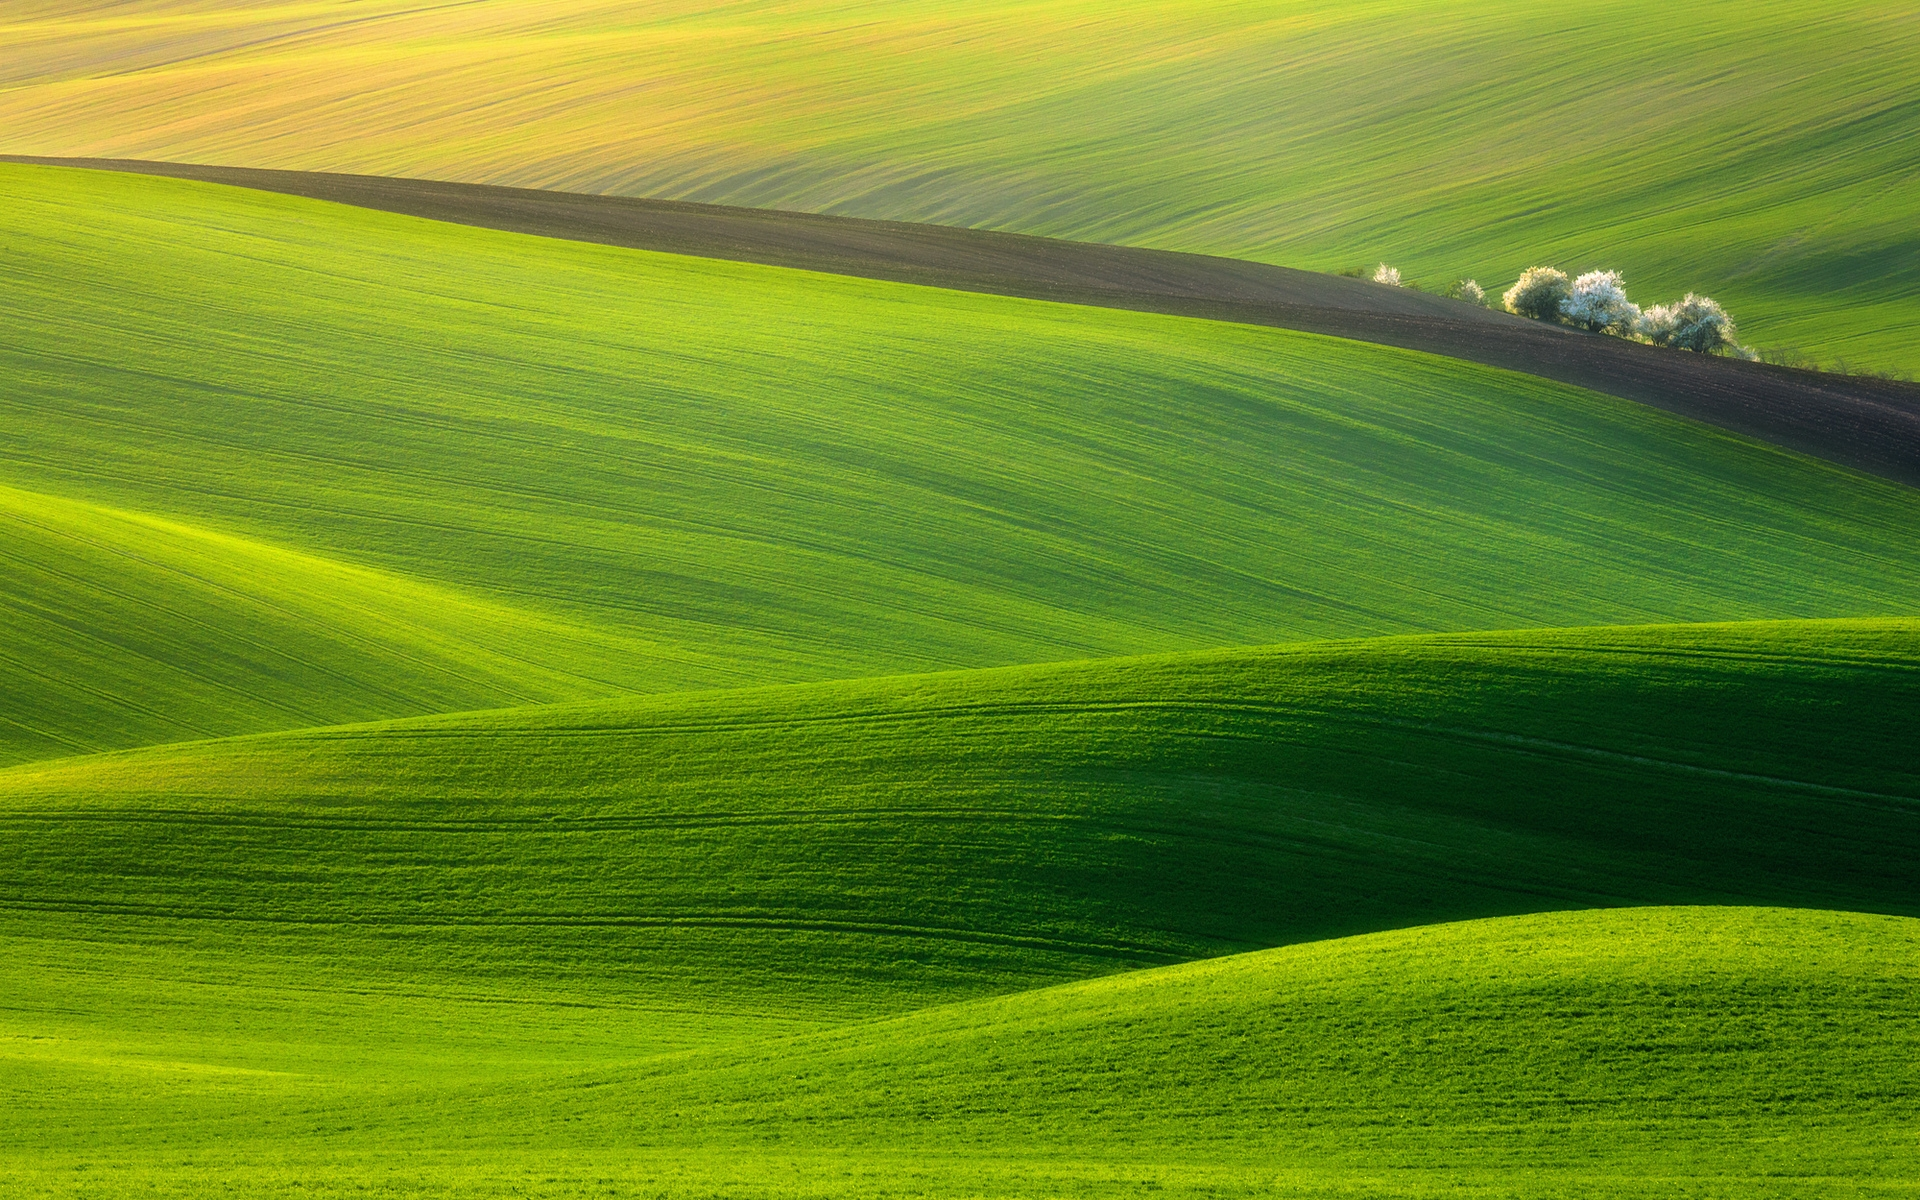 Nuova selezione di incantevoli sfondi di paesaggi ad alta for Sfondi spettacolari hd